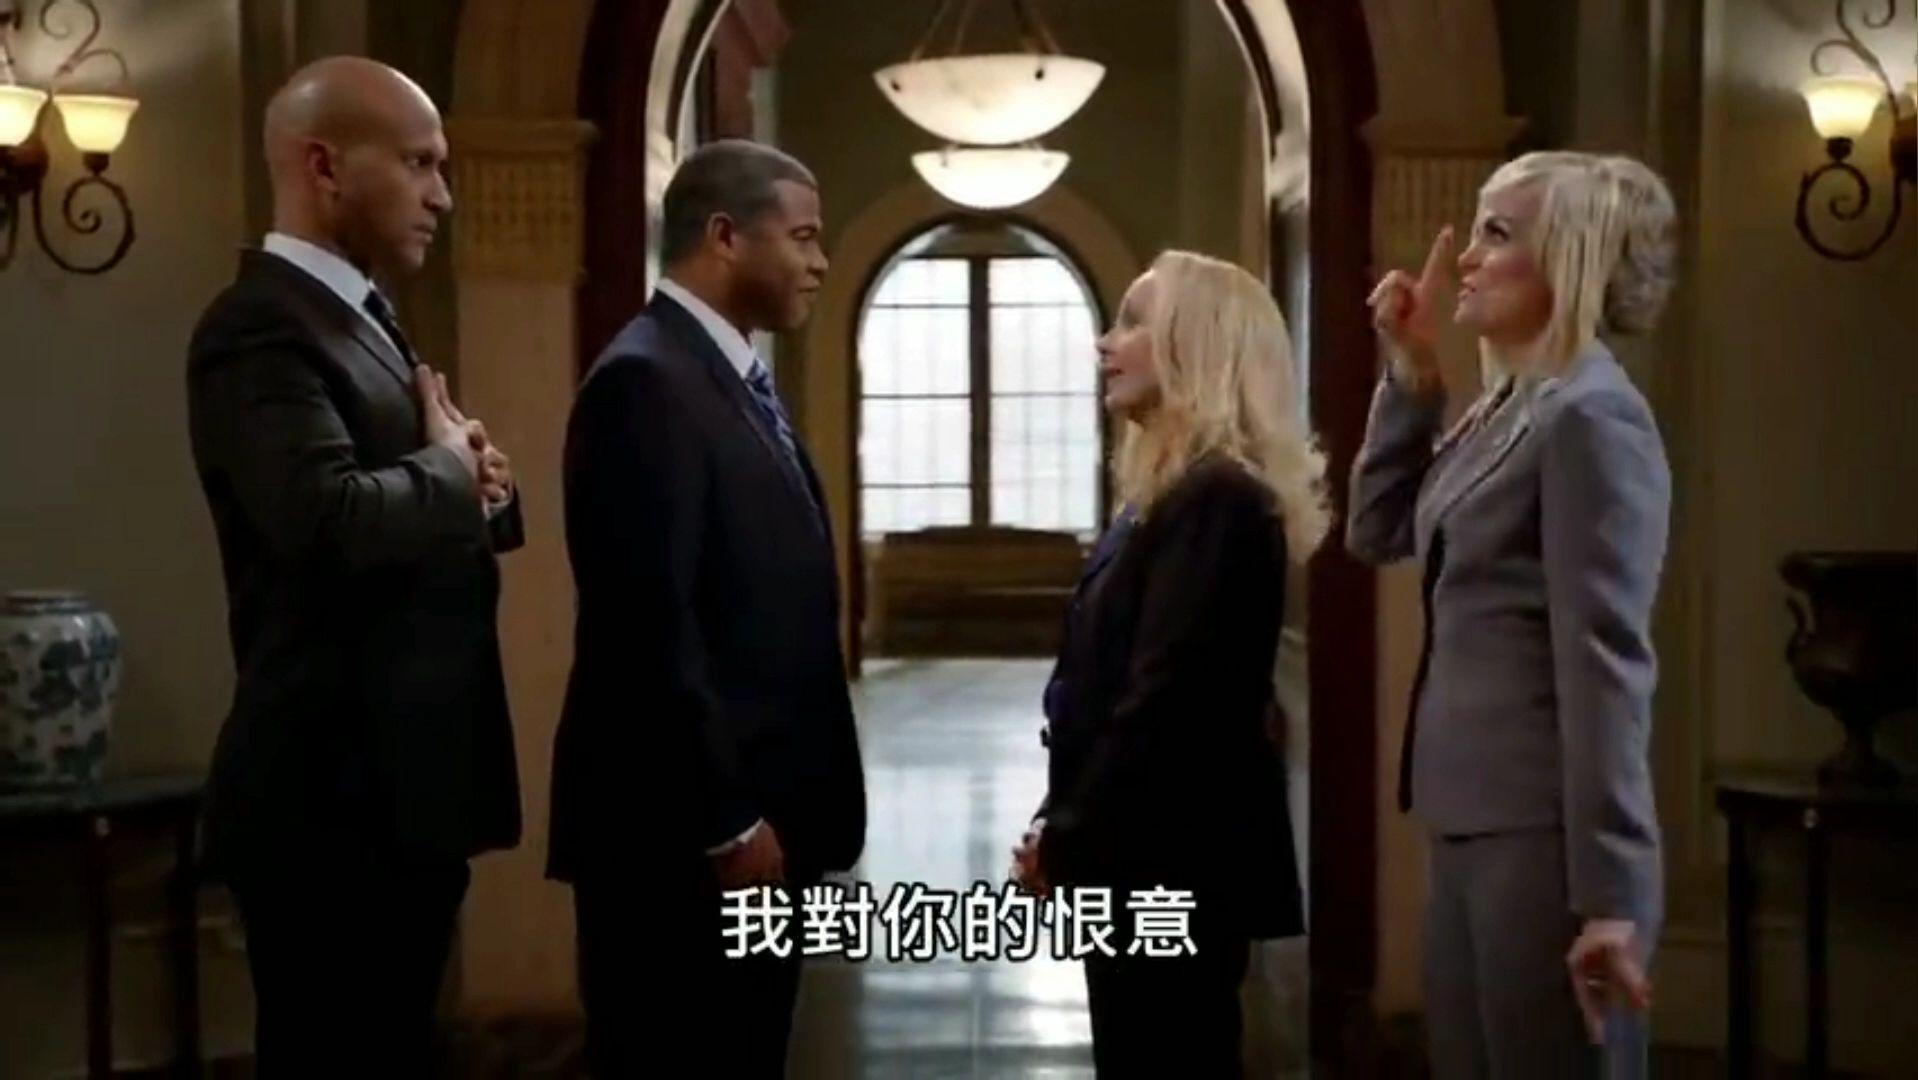 黑人兄弟【翻译官的战争】